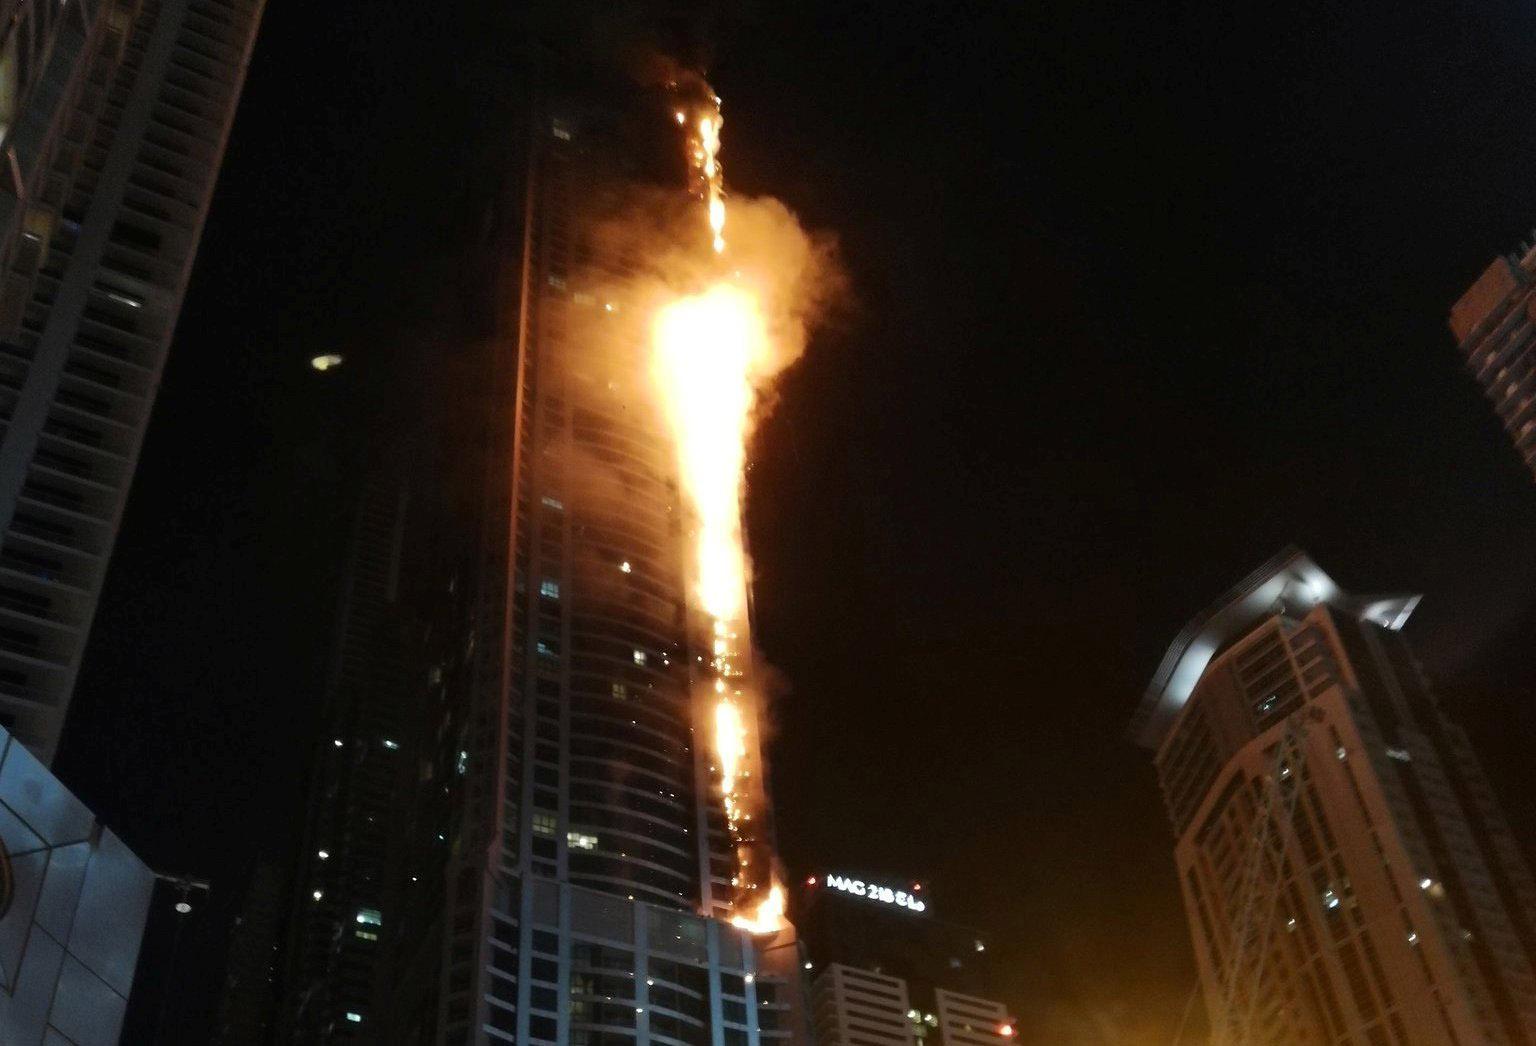 El siniestro que afecto al menos 40 pisos de la estructura no registro fallecidos o heridos